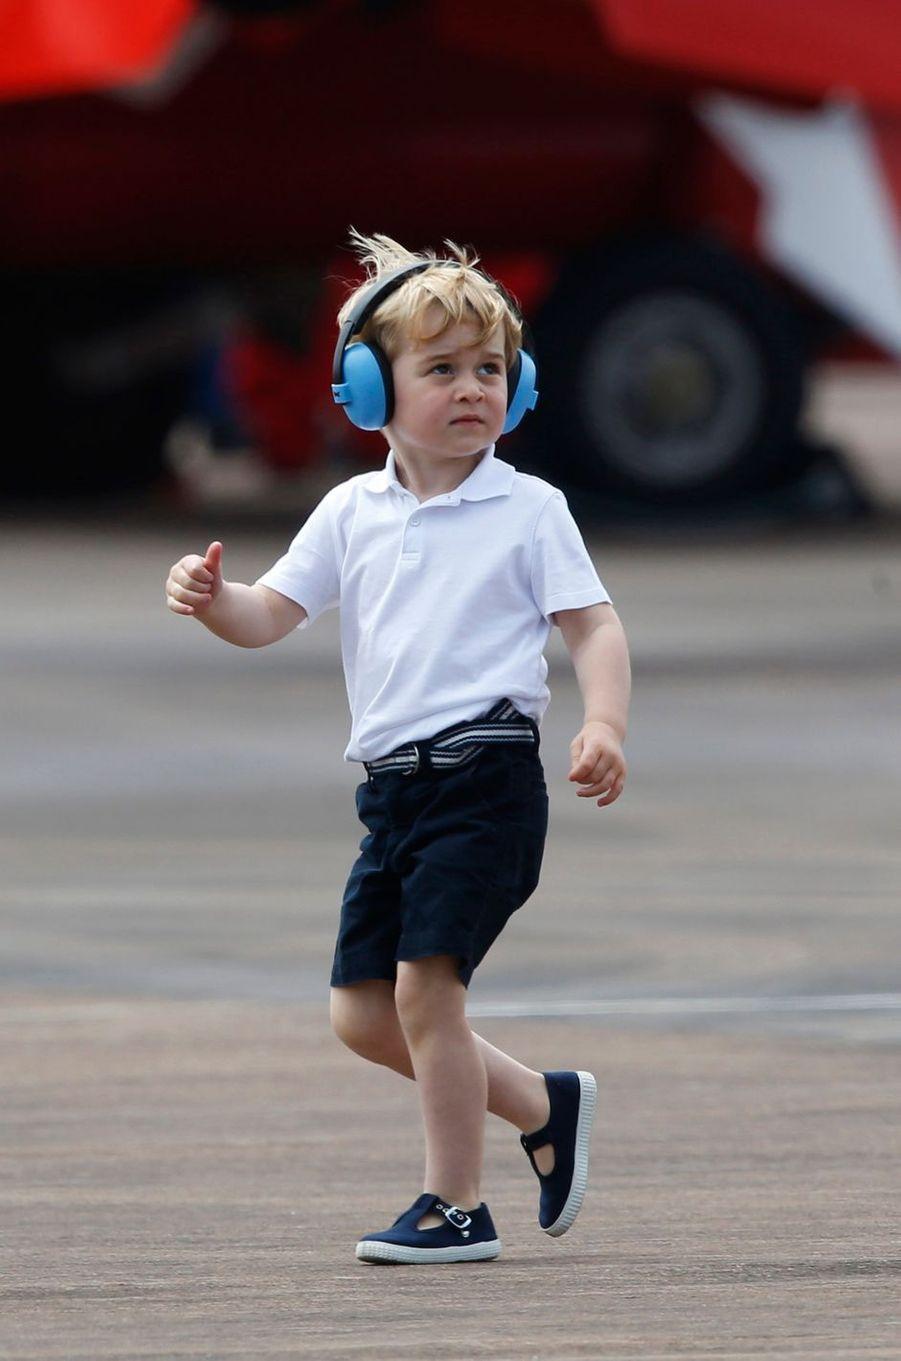 Sortie en famille pour Baby George ce vendredi 8 juillet. Accompagné de ses parents Kate et William, le petit prince est allé voir des avions et des hélicoptères sur la base de la RAF à Fairford.